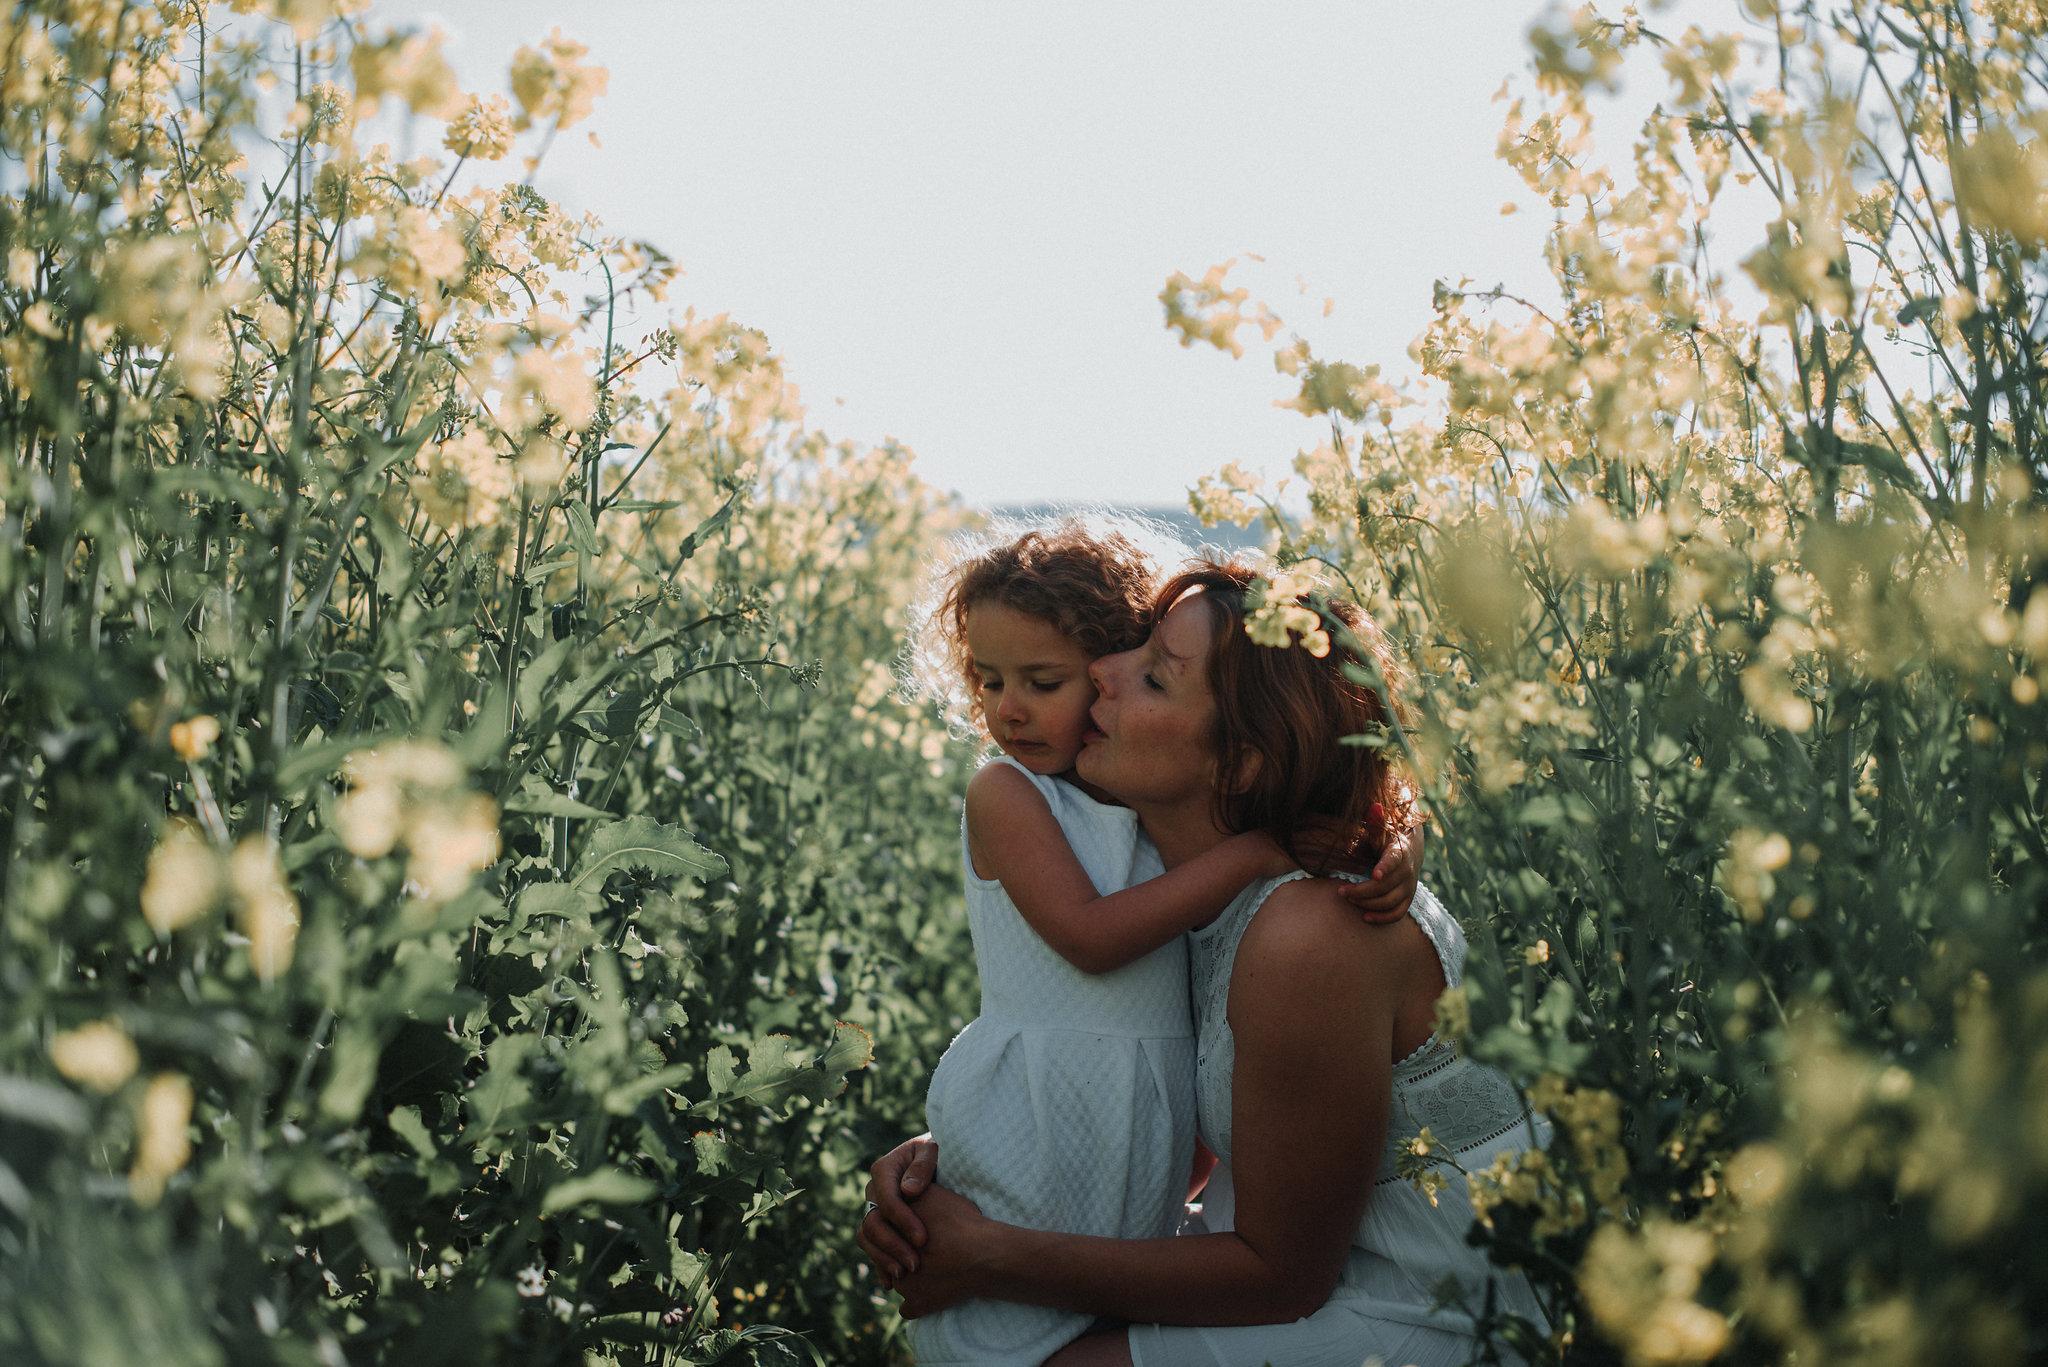 Léa-Fery-photographe-professionnel-lyon-rhone-alpes-portrait-creation-mariage-evenement-evenementiel-famille-8444.jpg